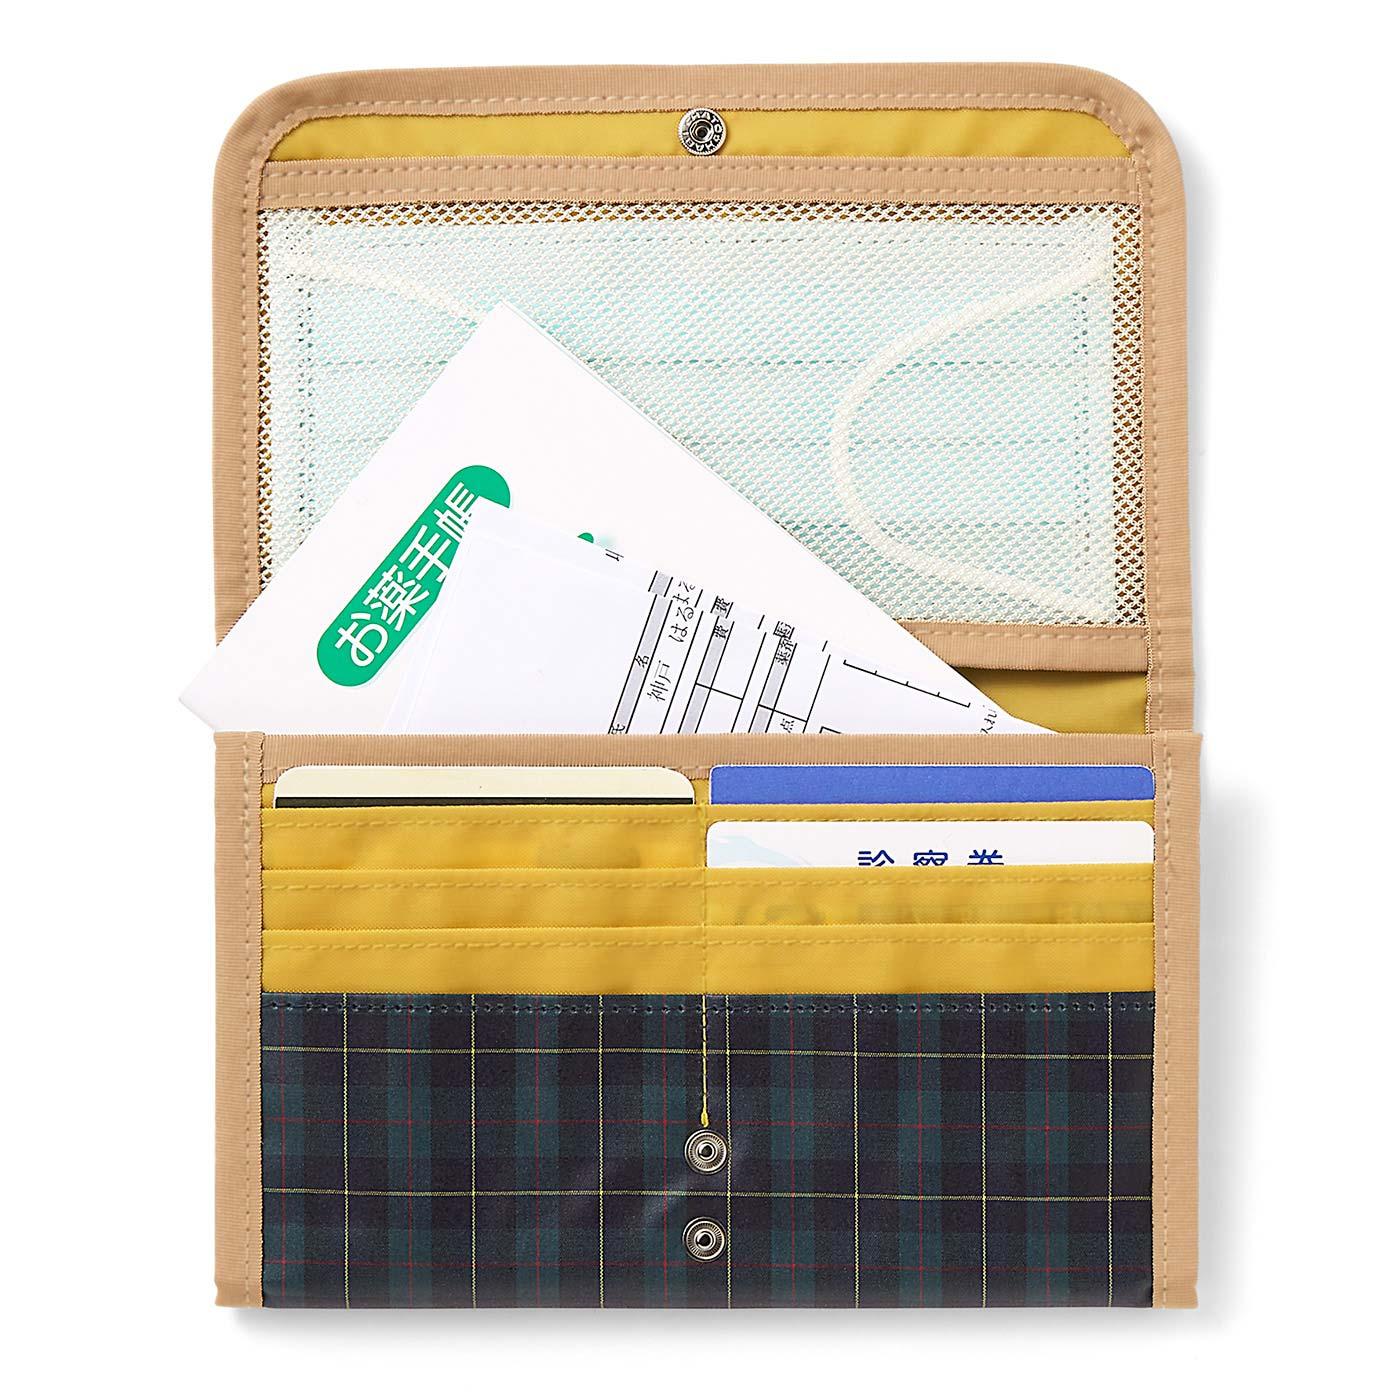 マスク、お薬手帳、領収書、診察券8枚を収納。オレフィン系樹脂加工をほどこしているので、汚れや水滴をさっとふけます。